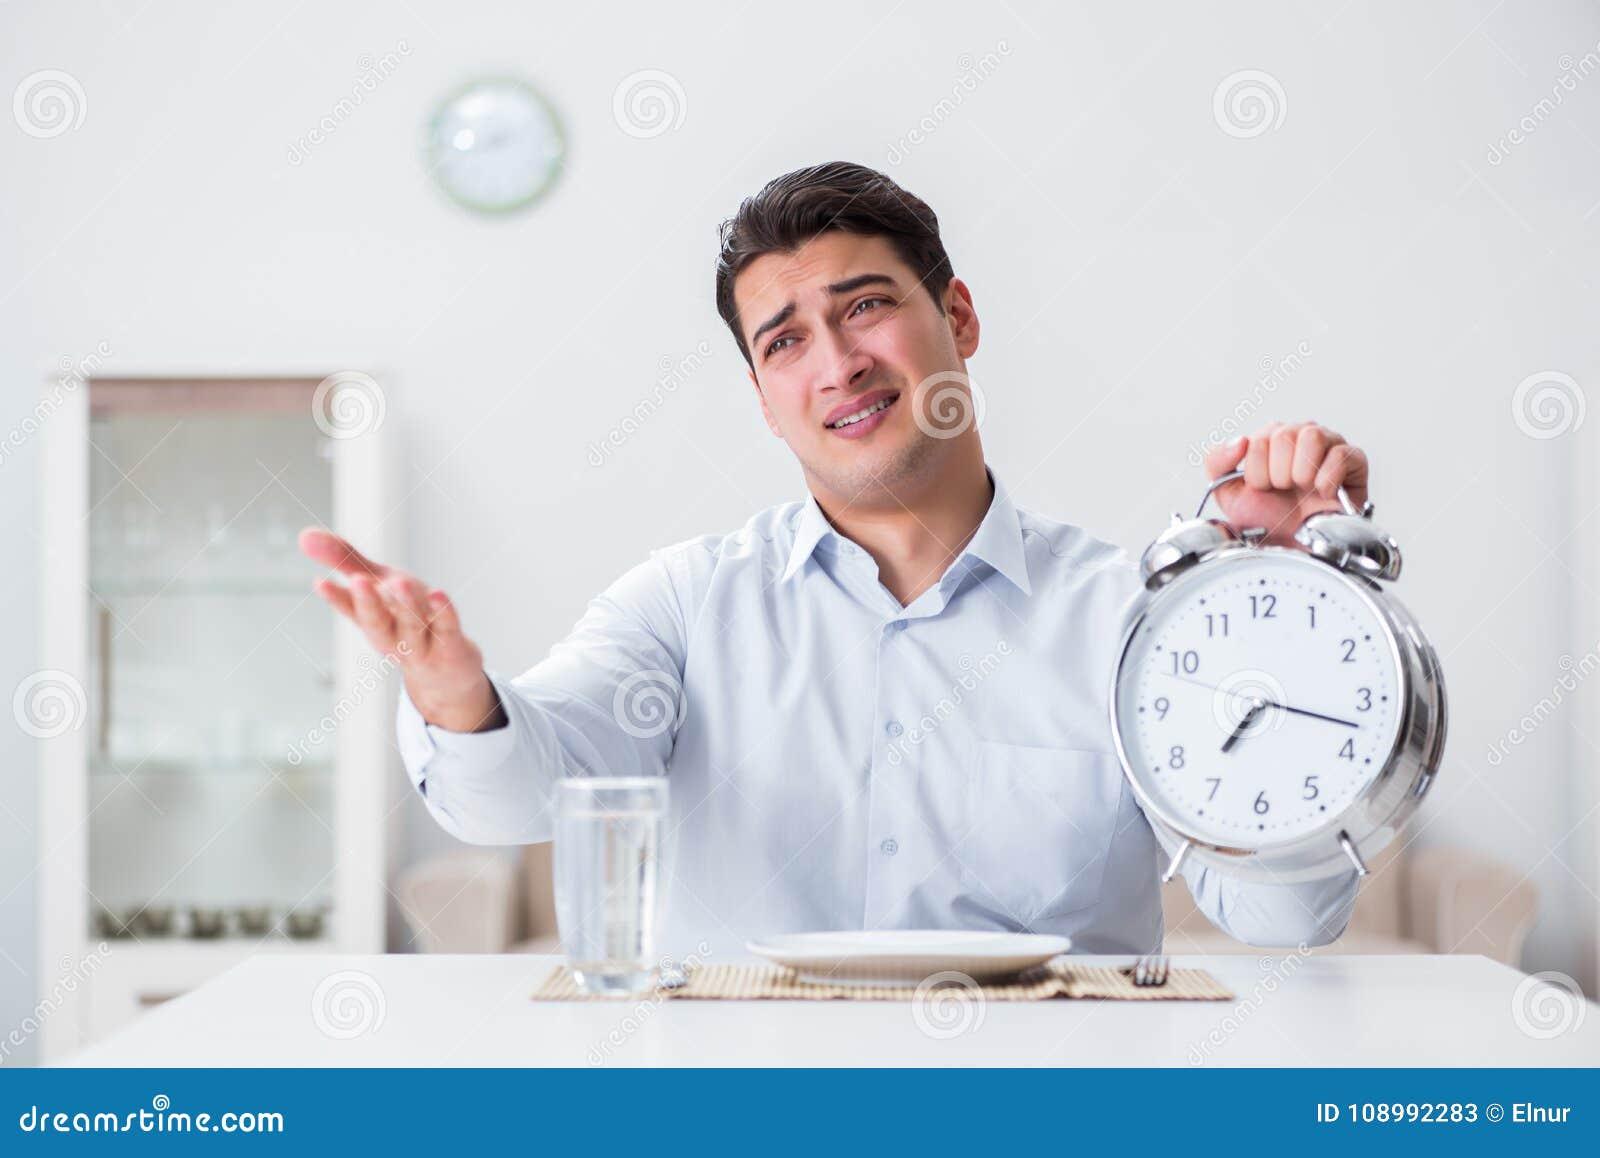 Le concept du service lent dans les restaurants